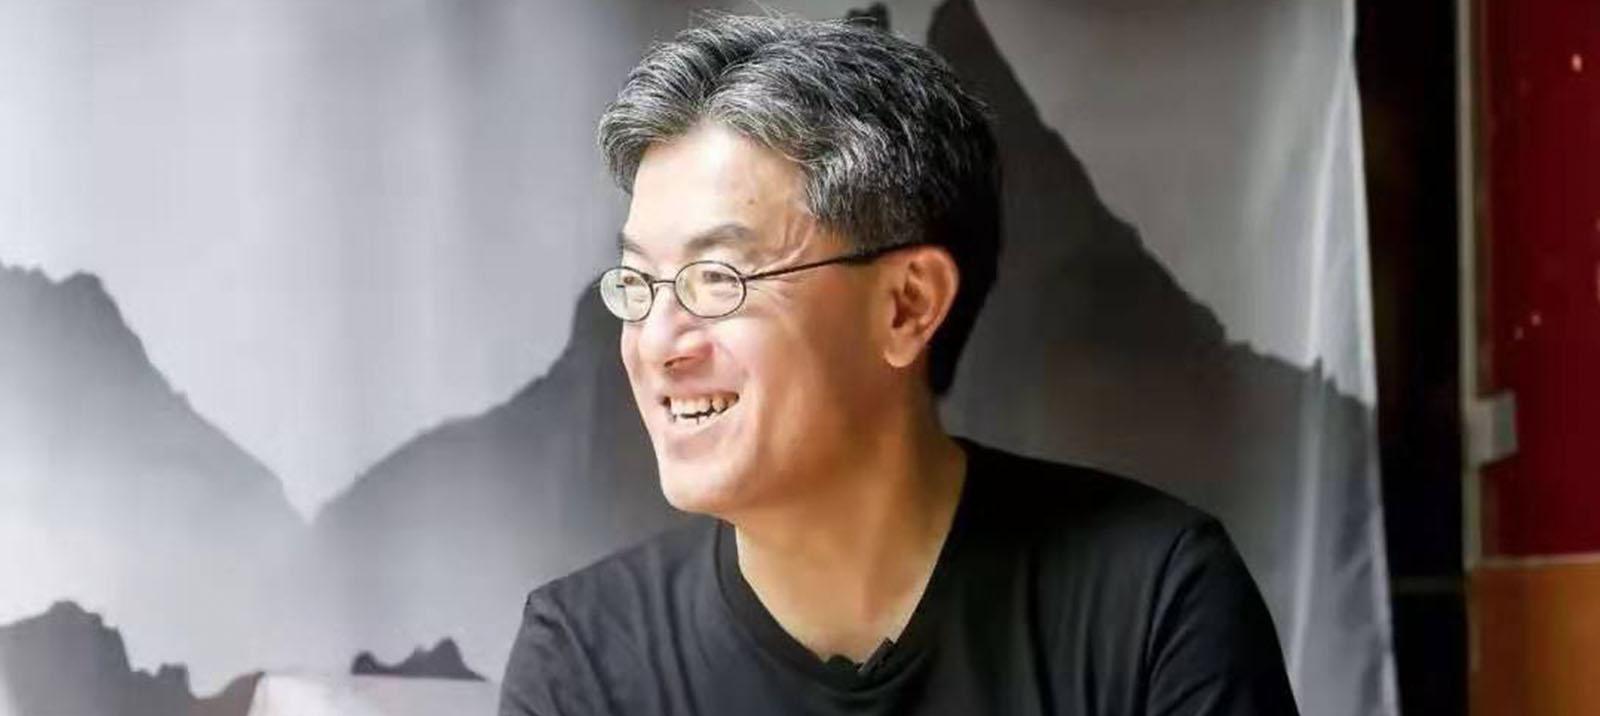 亦来云创始人陈榕凌晨四点夜话:区块链并非老百姓理解的账本